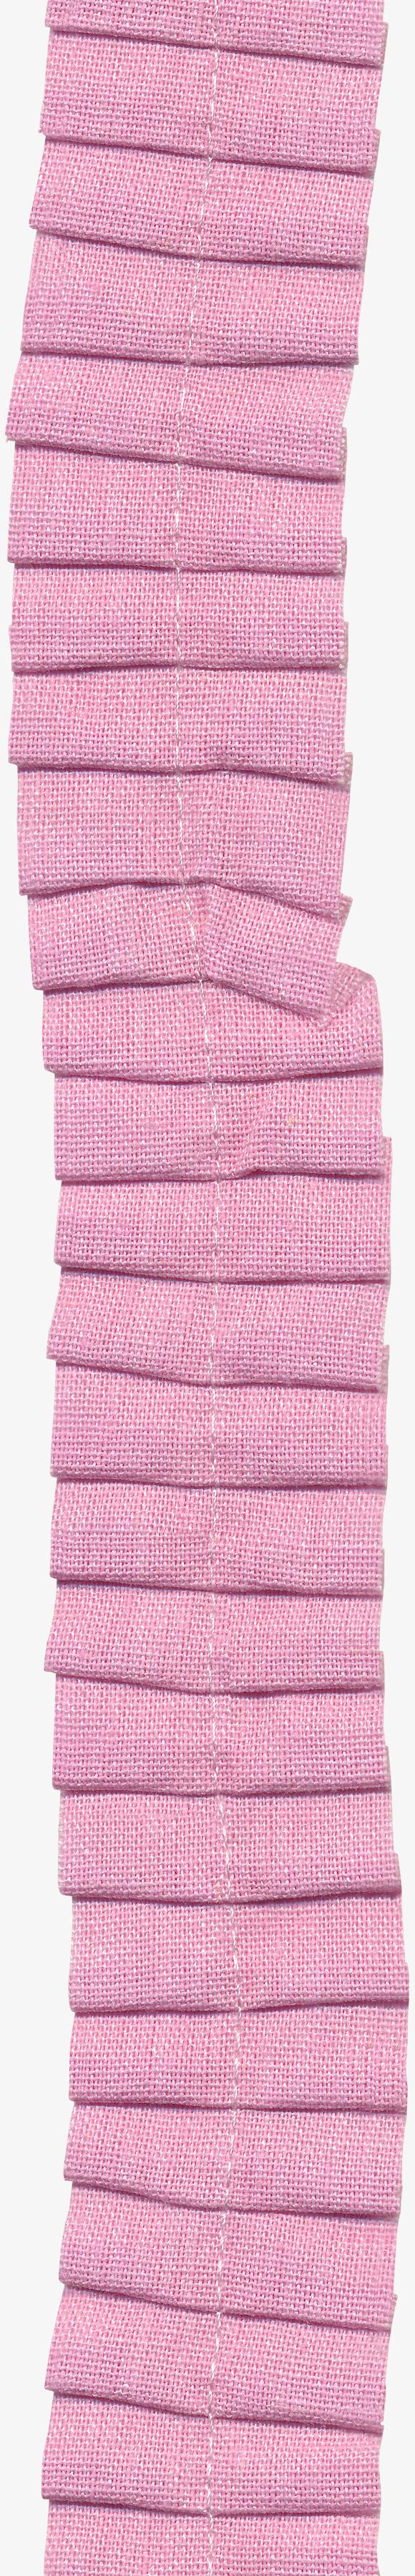 布条编织双肩包包